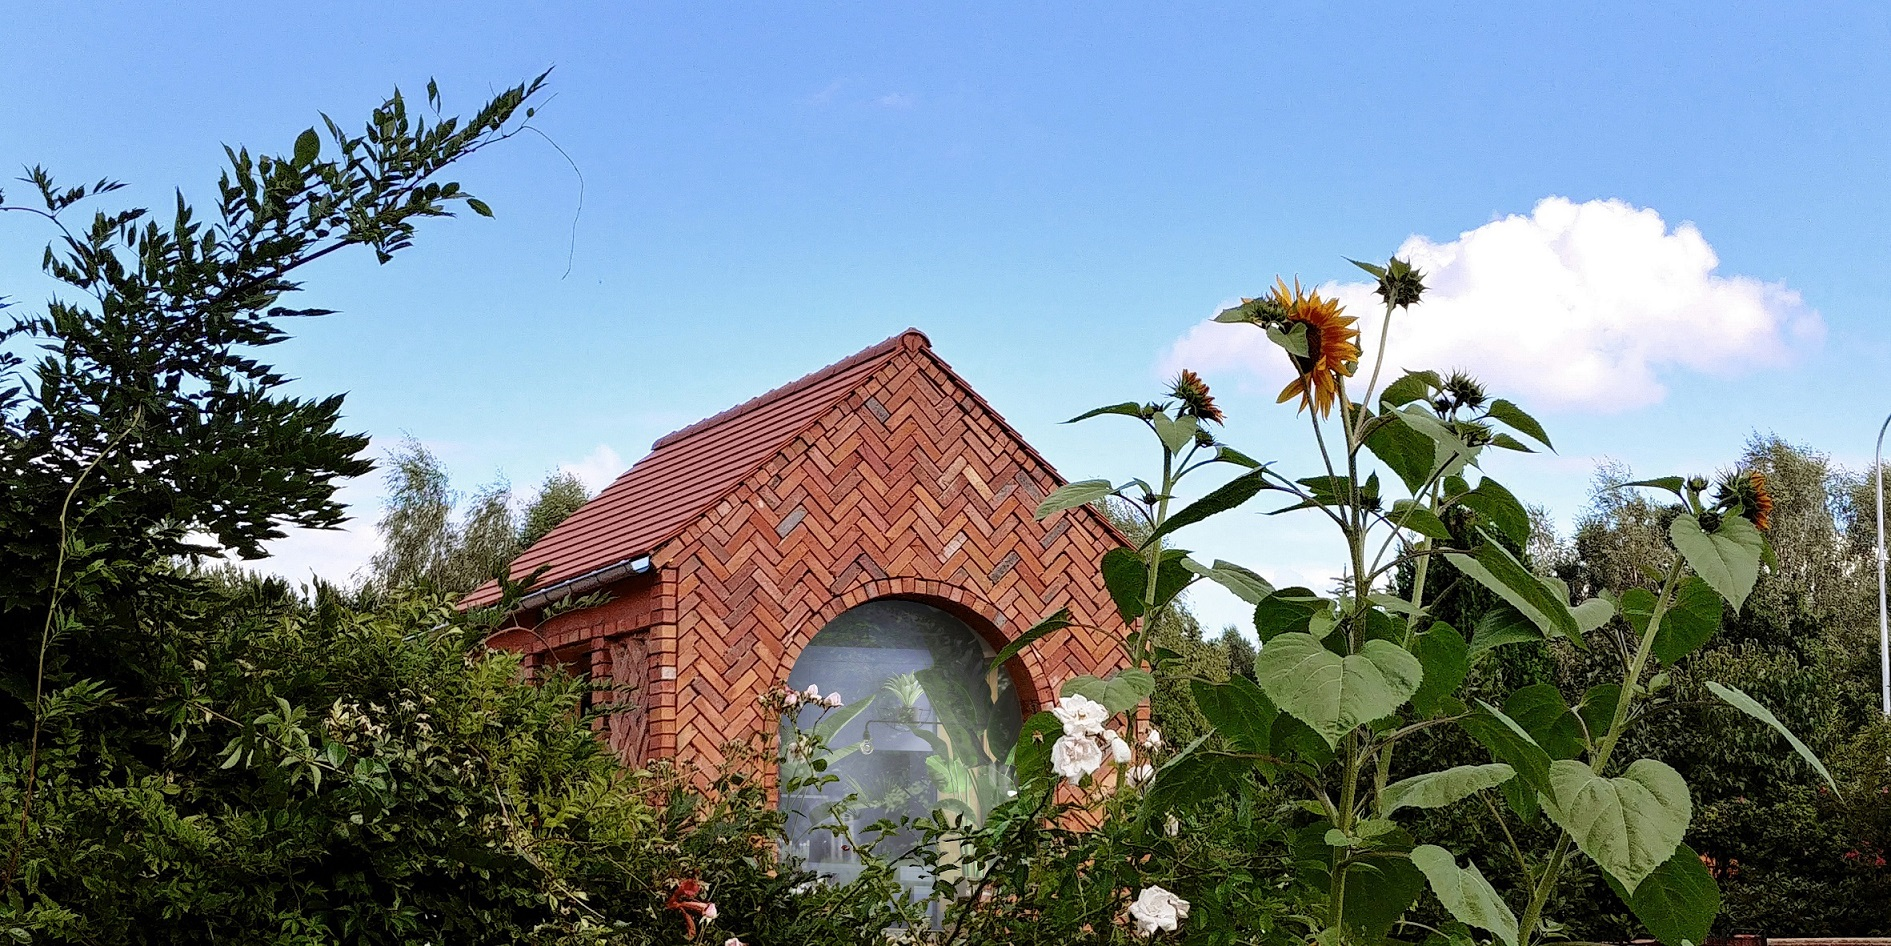 MIKRODOM dom z cegły